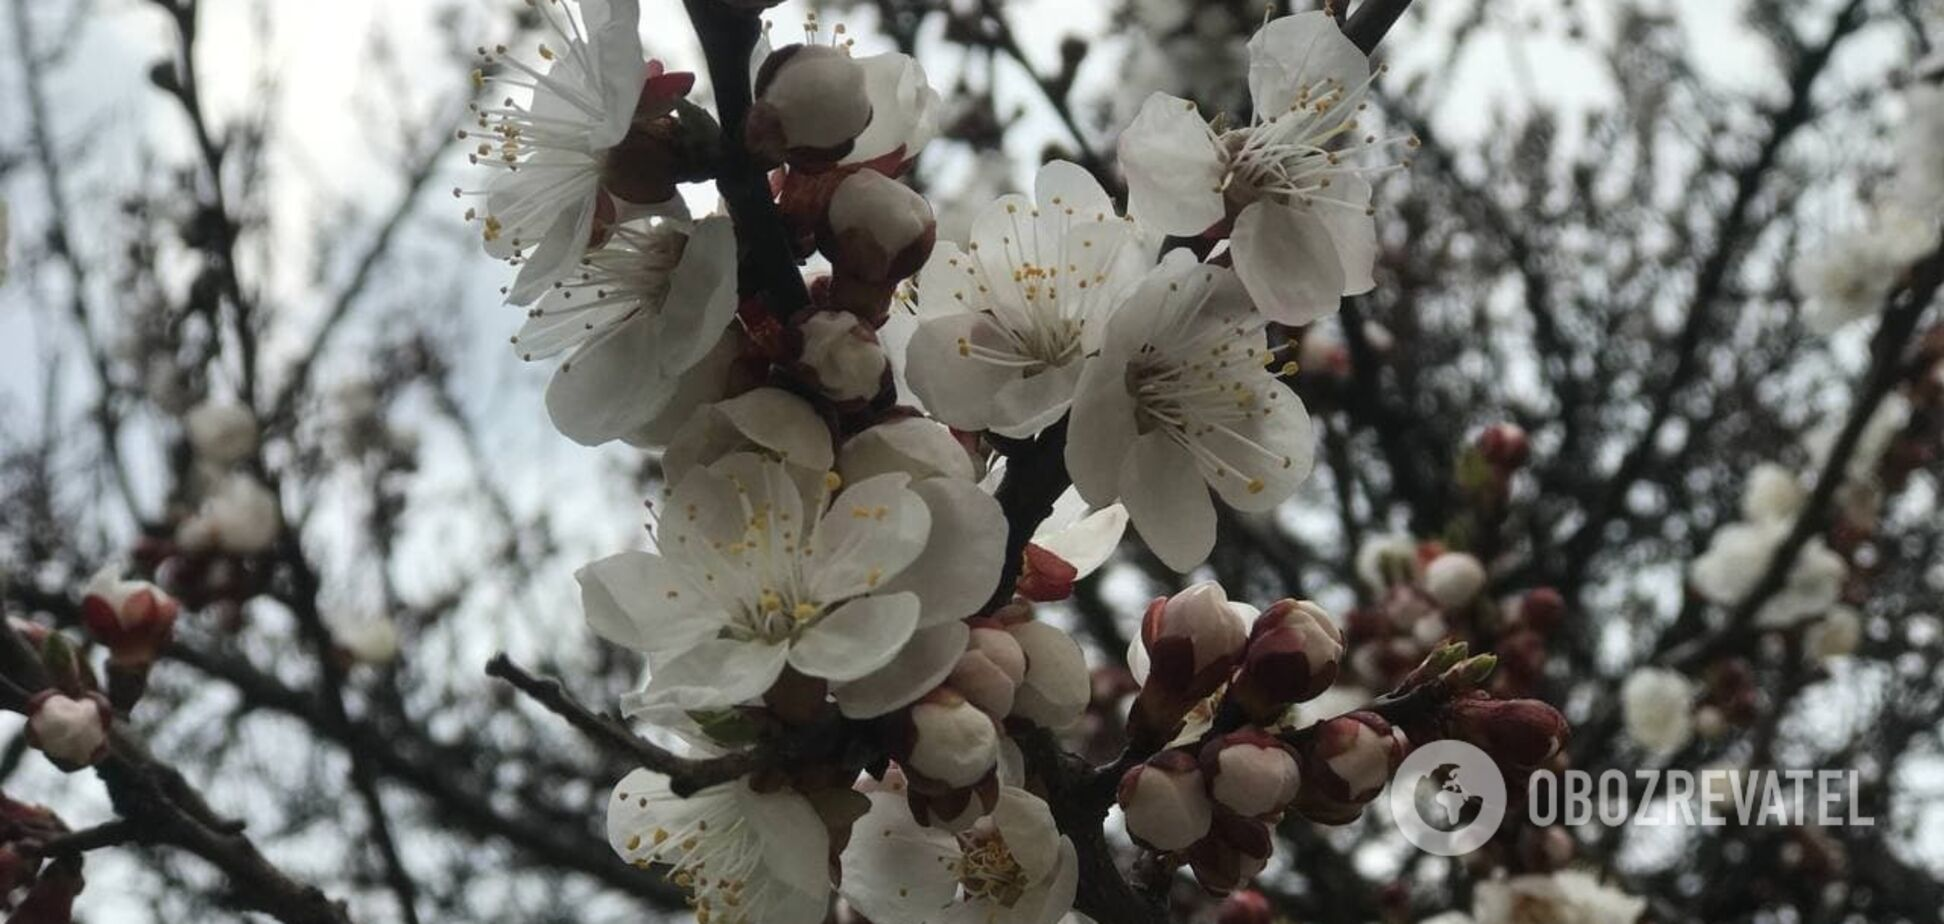 В Киеве зацвели абрикосы и начали распускаться листья на деревьях. Фото